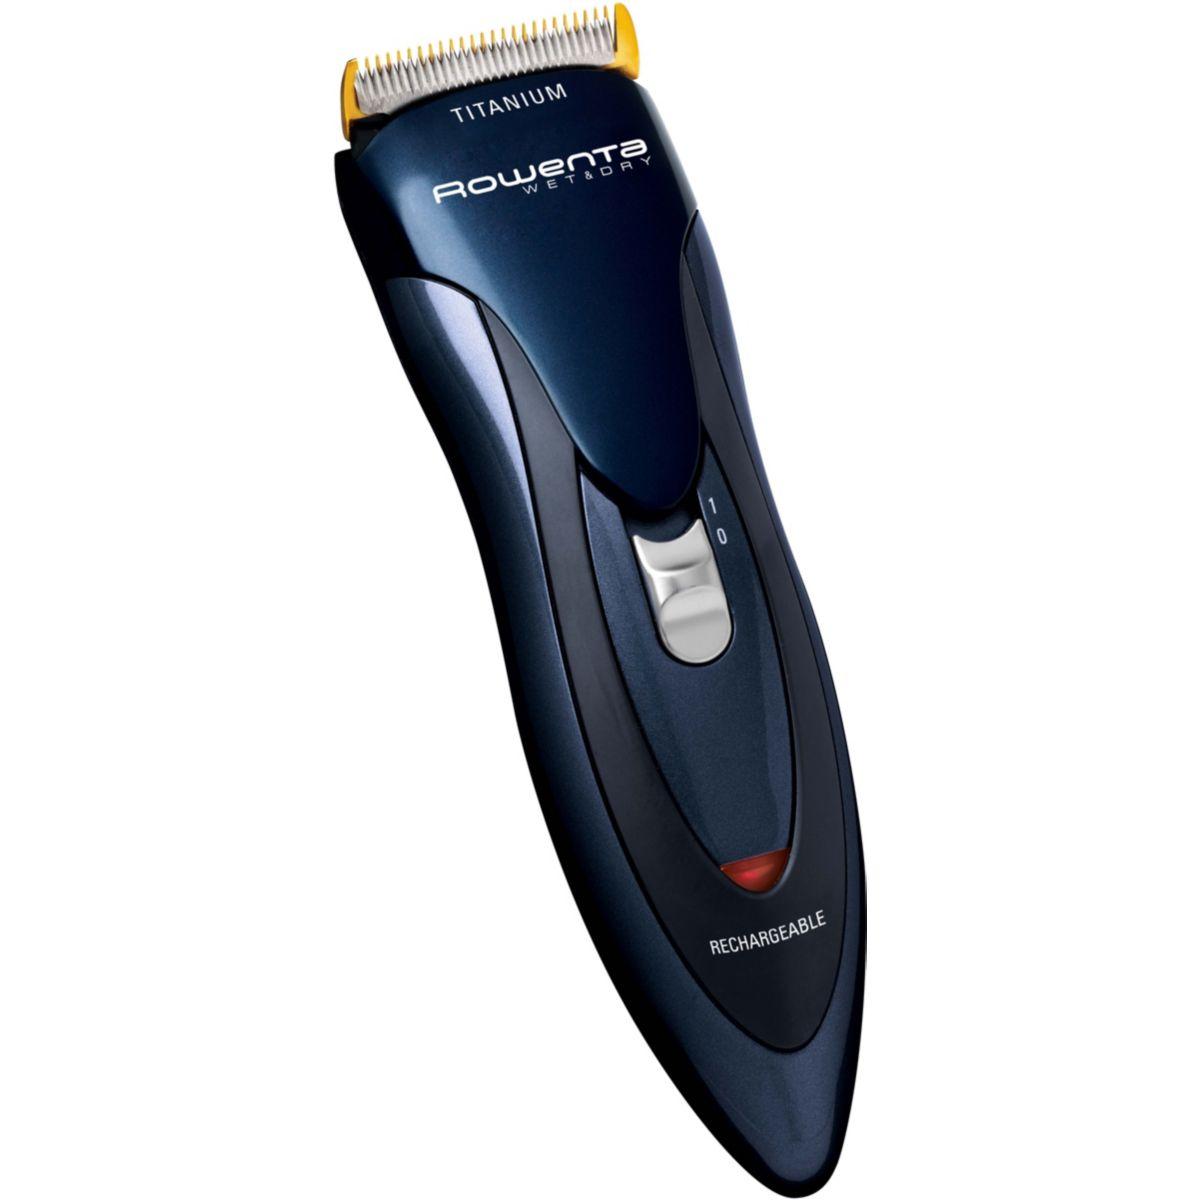 calor tn5030 tondeuse cheveux et barbe rechargeable wet dry comparer avec. Black Bedroom Furniture Sets. Home Design Ideas